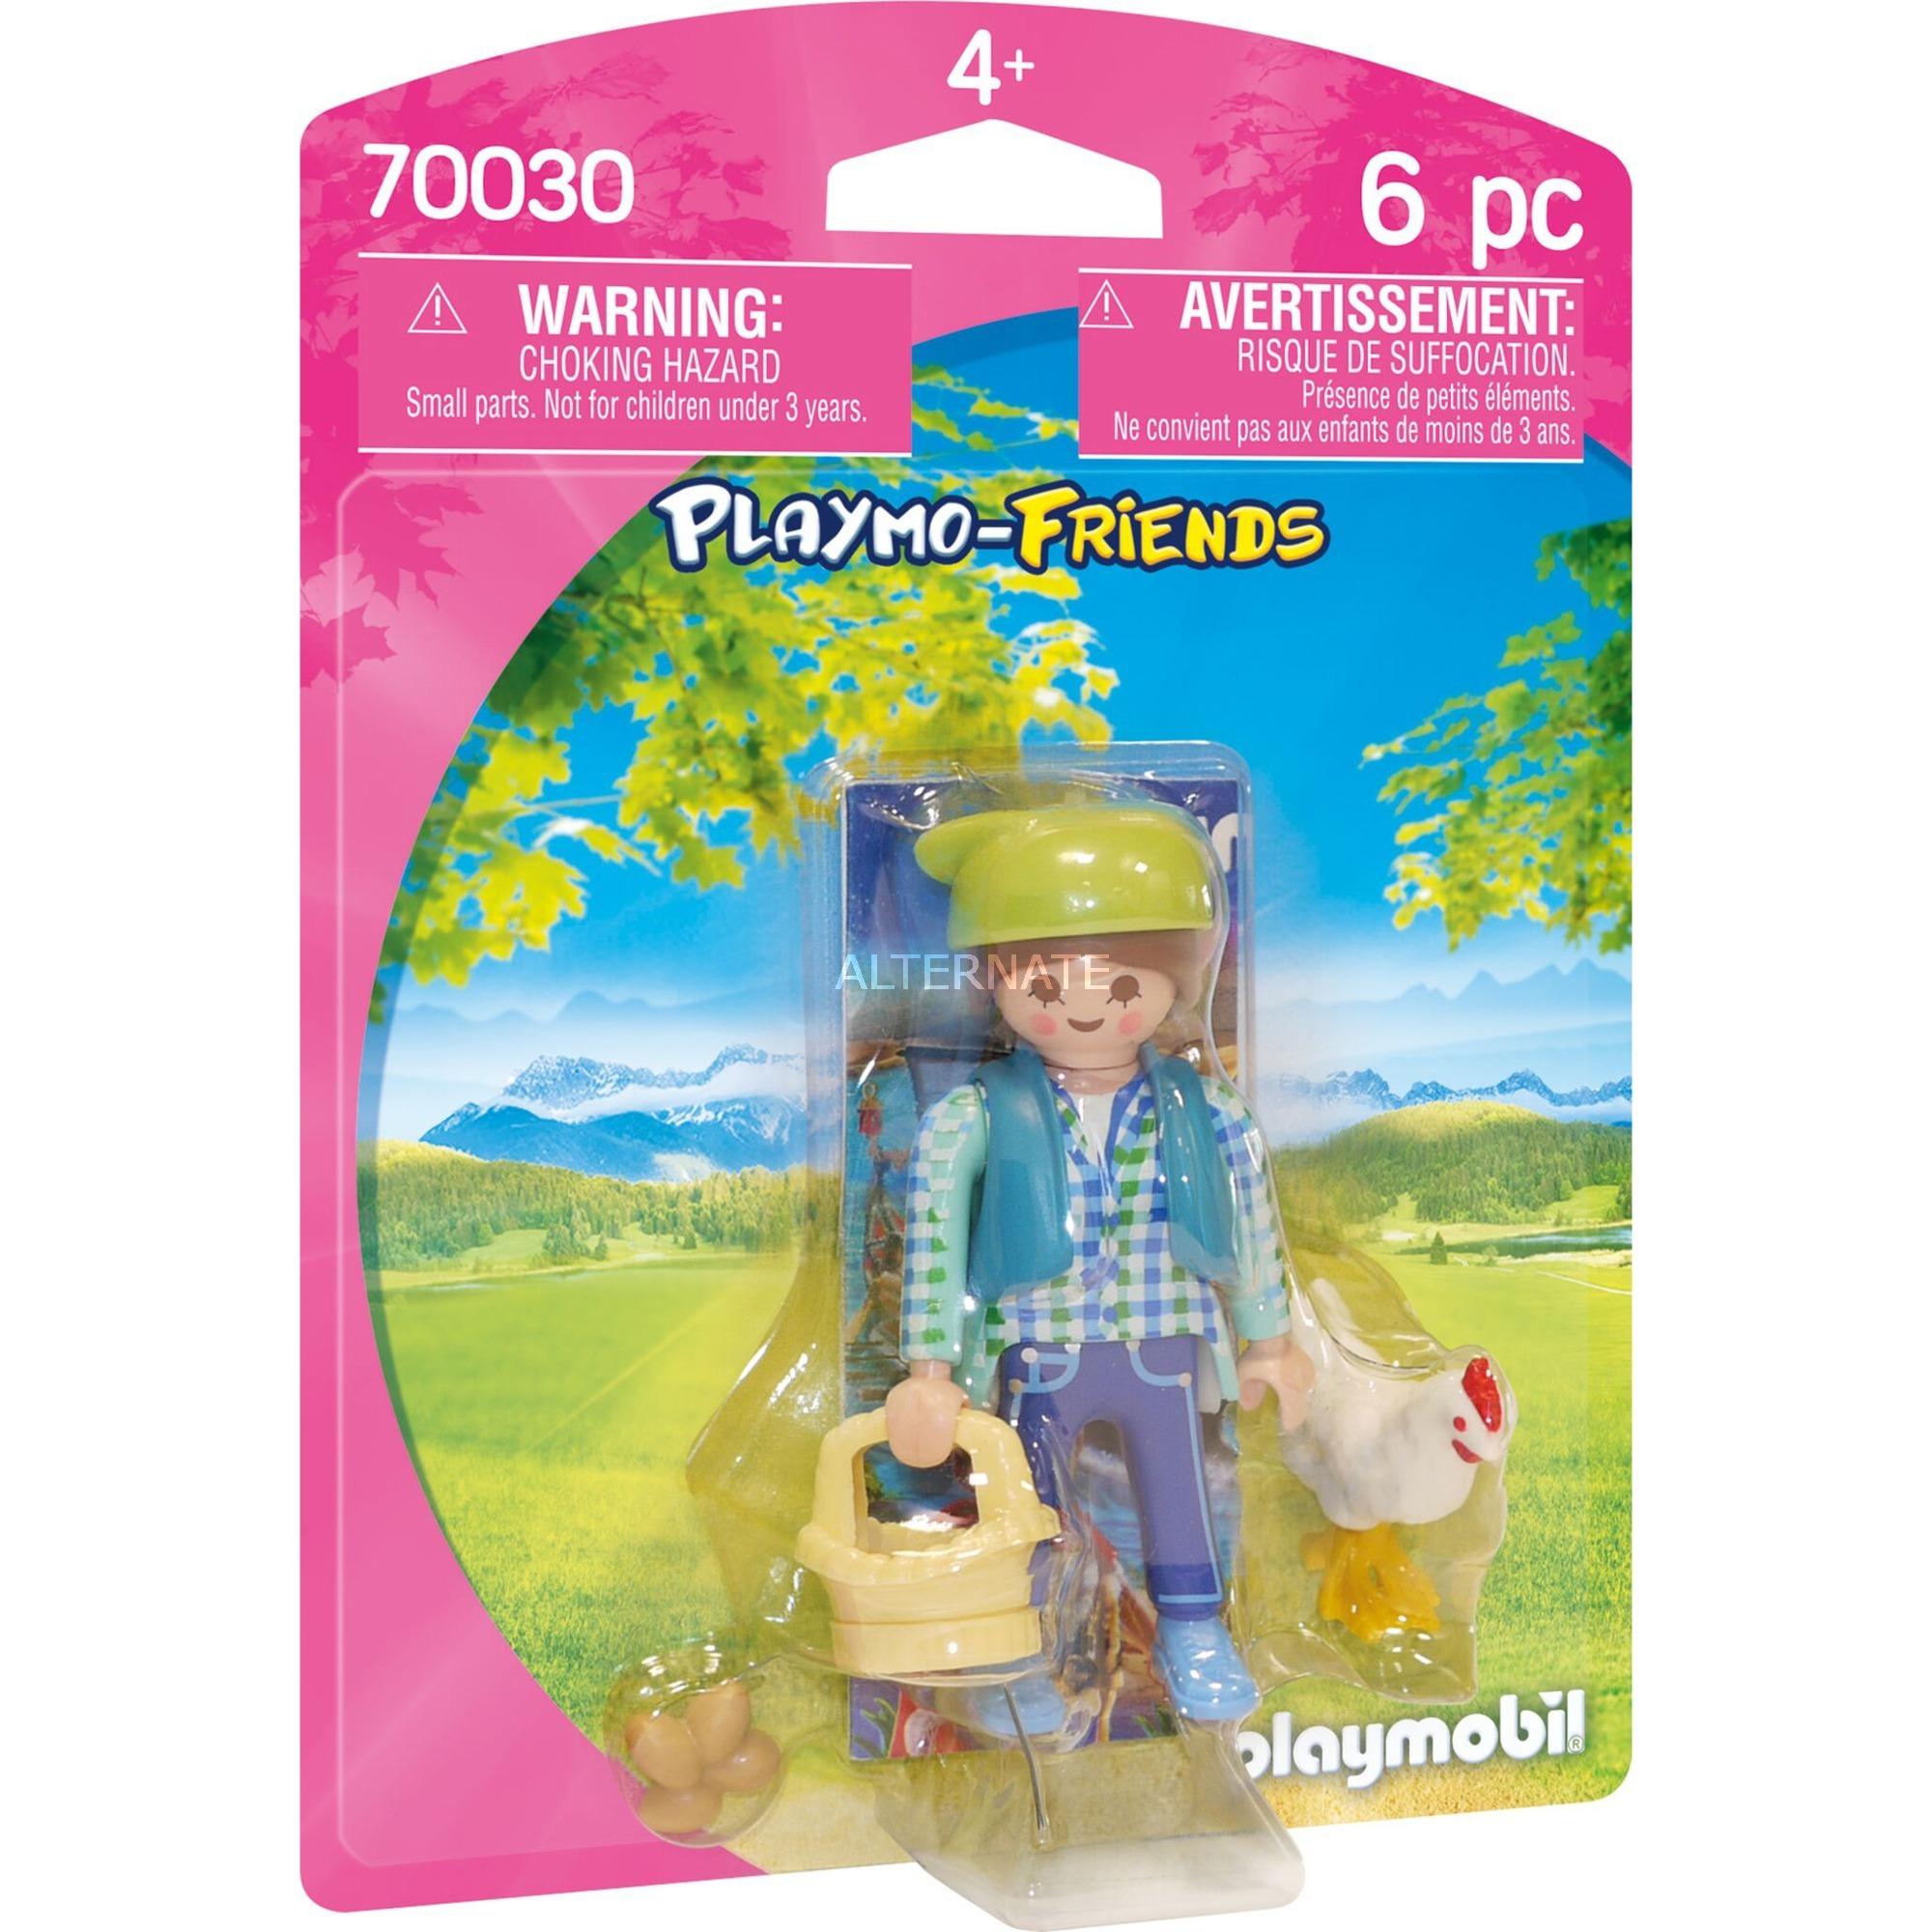 Playmo-Friends 70030 figura de construcción, Juegos de construcción